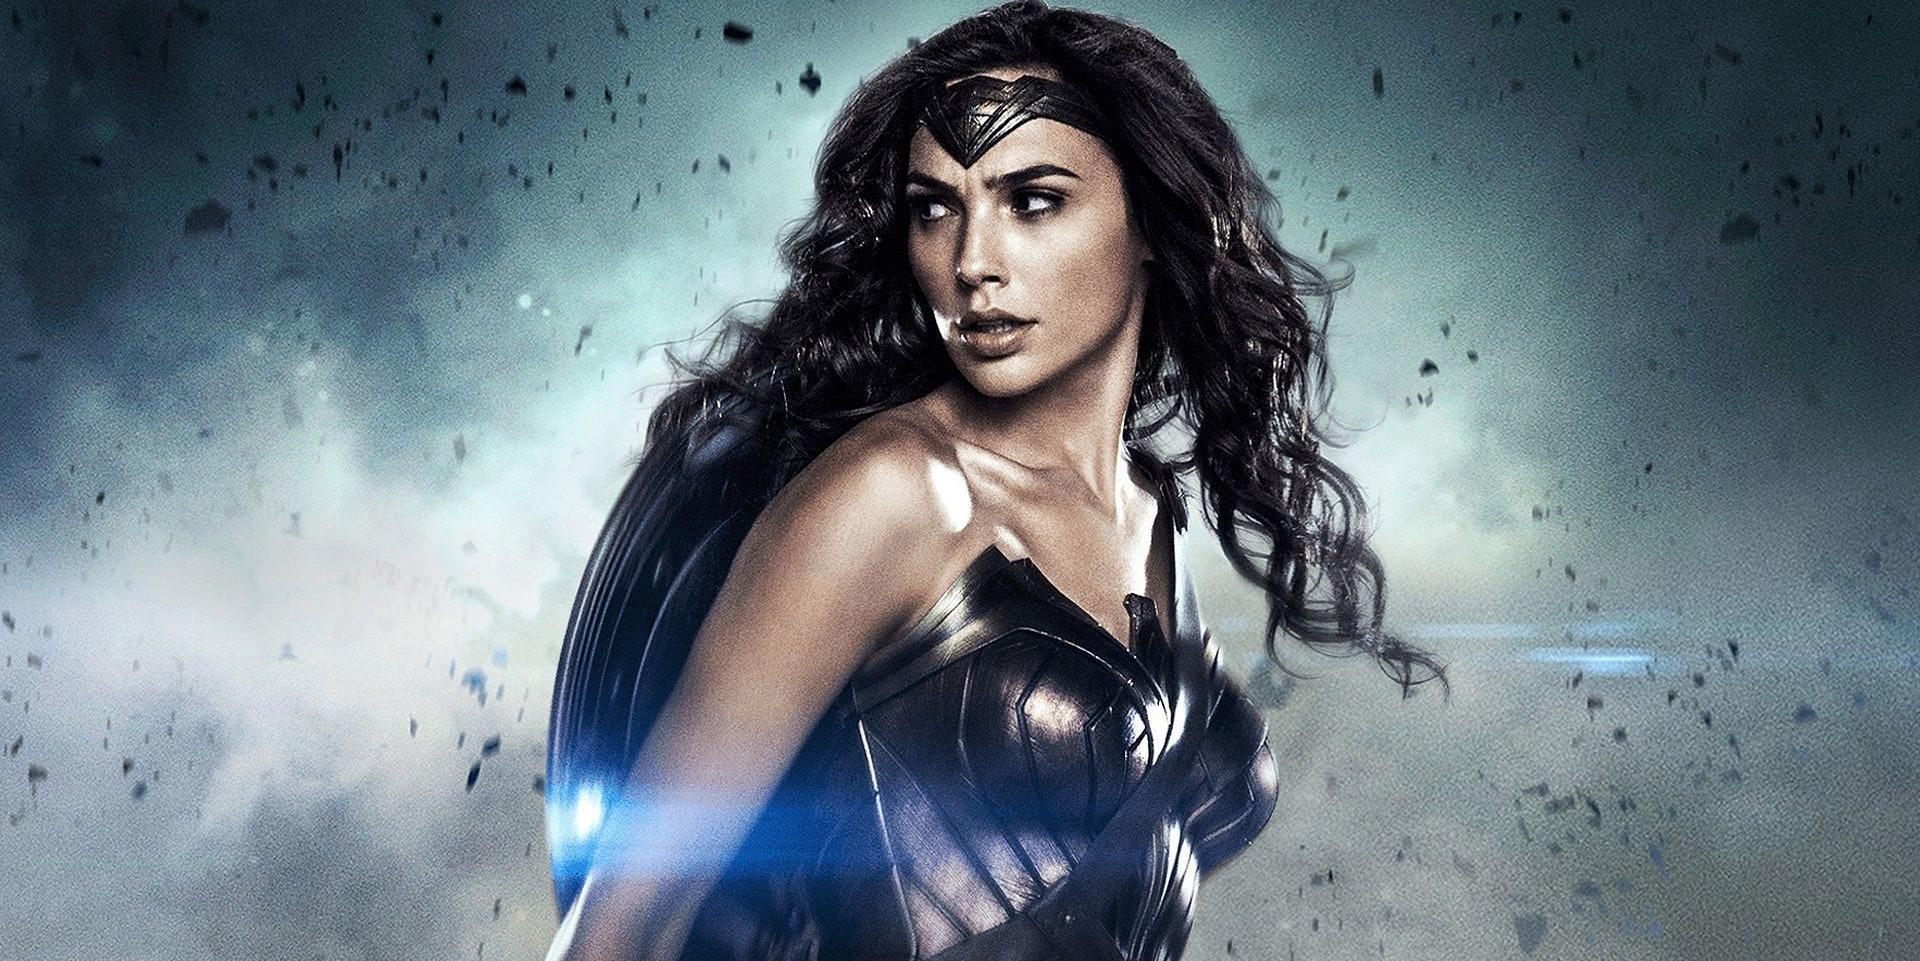 'Batman v Superman' Art Reveals Aquaman's High Tech Trident